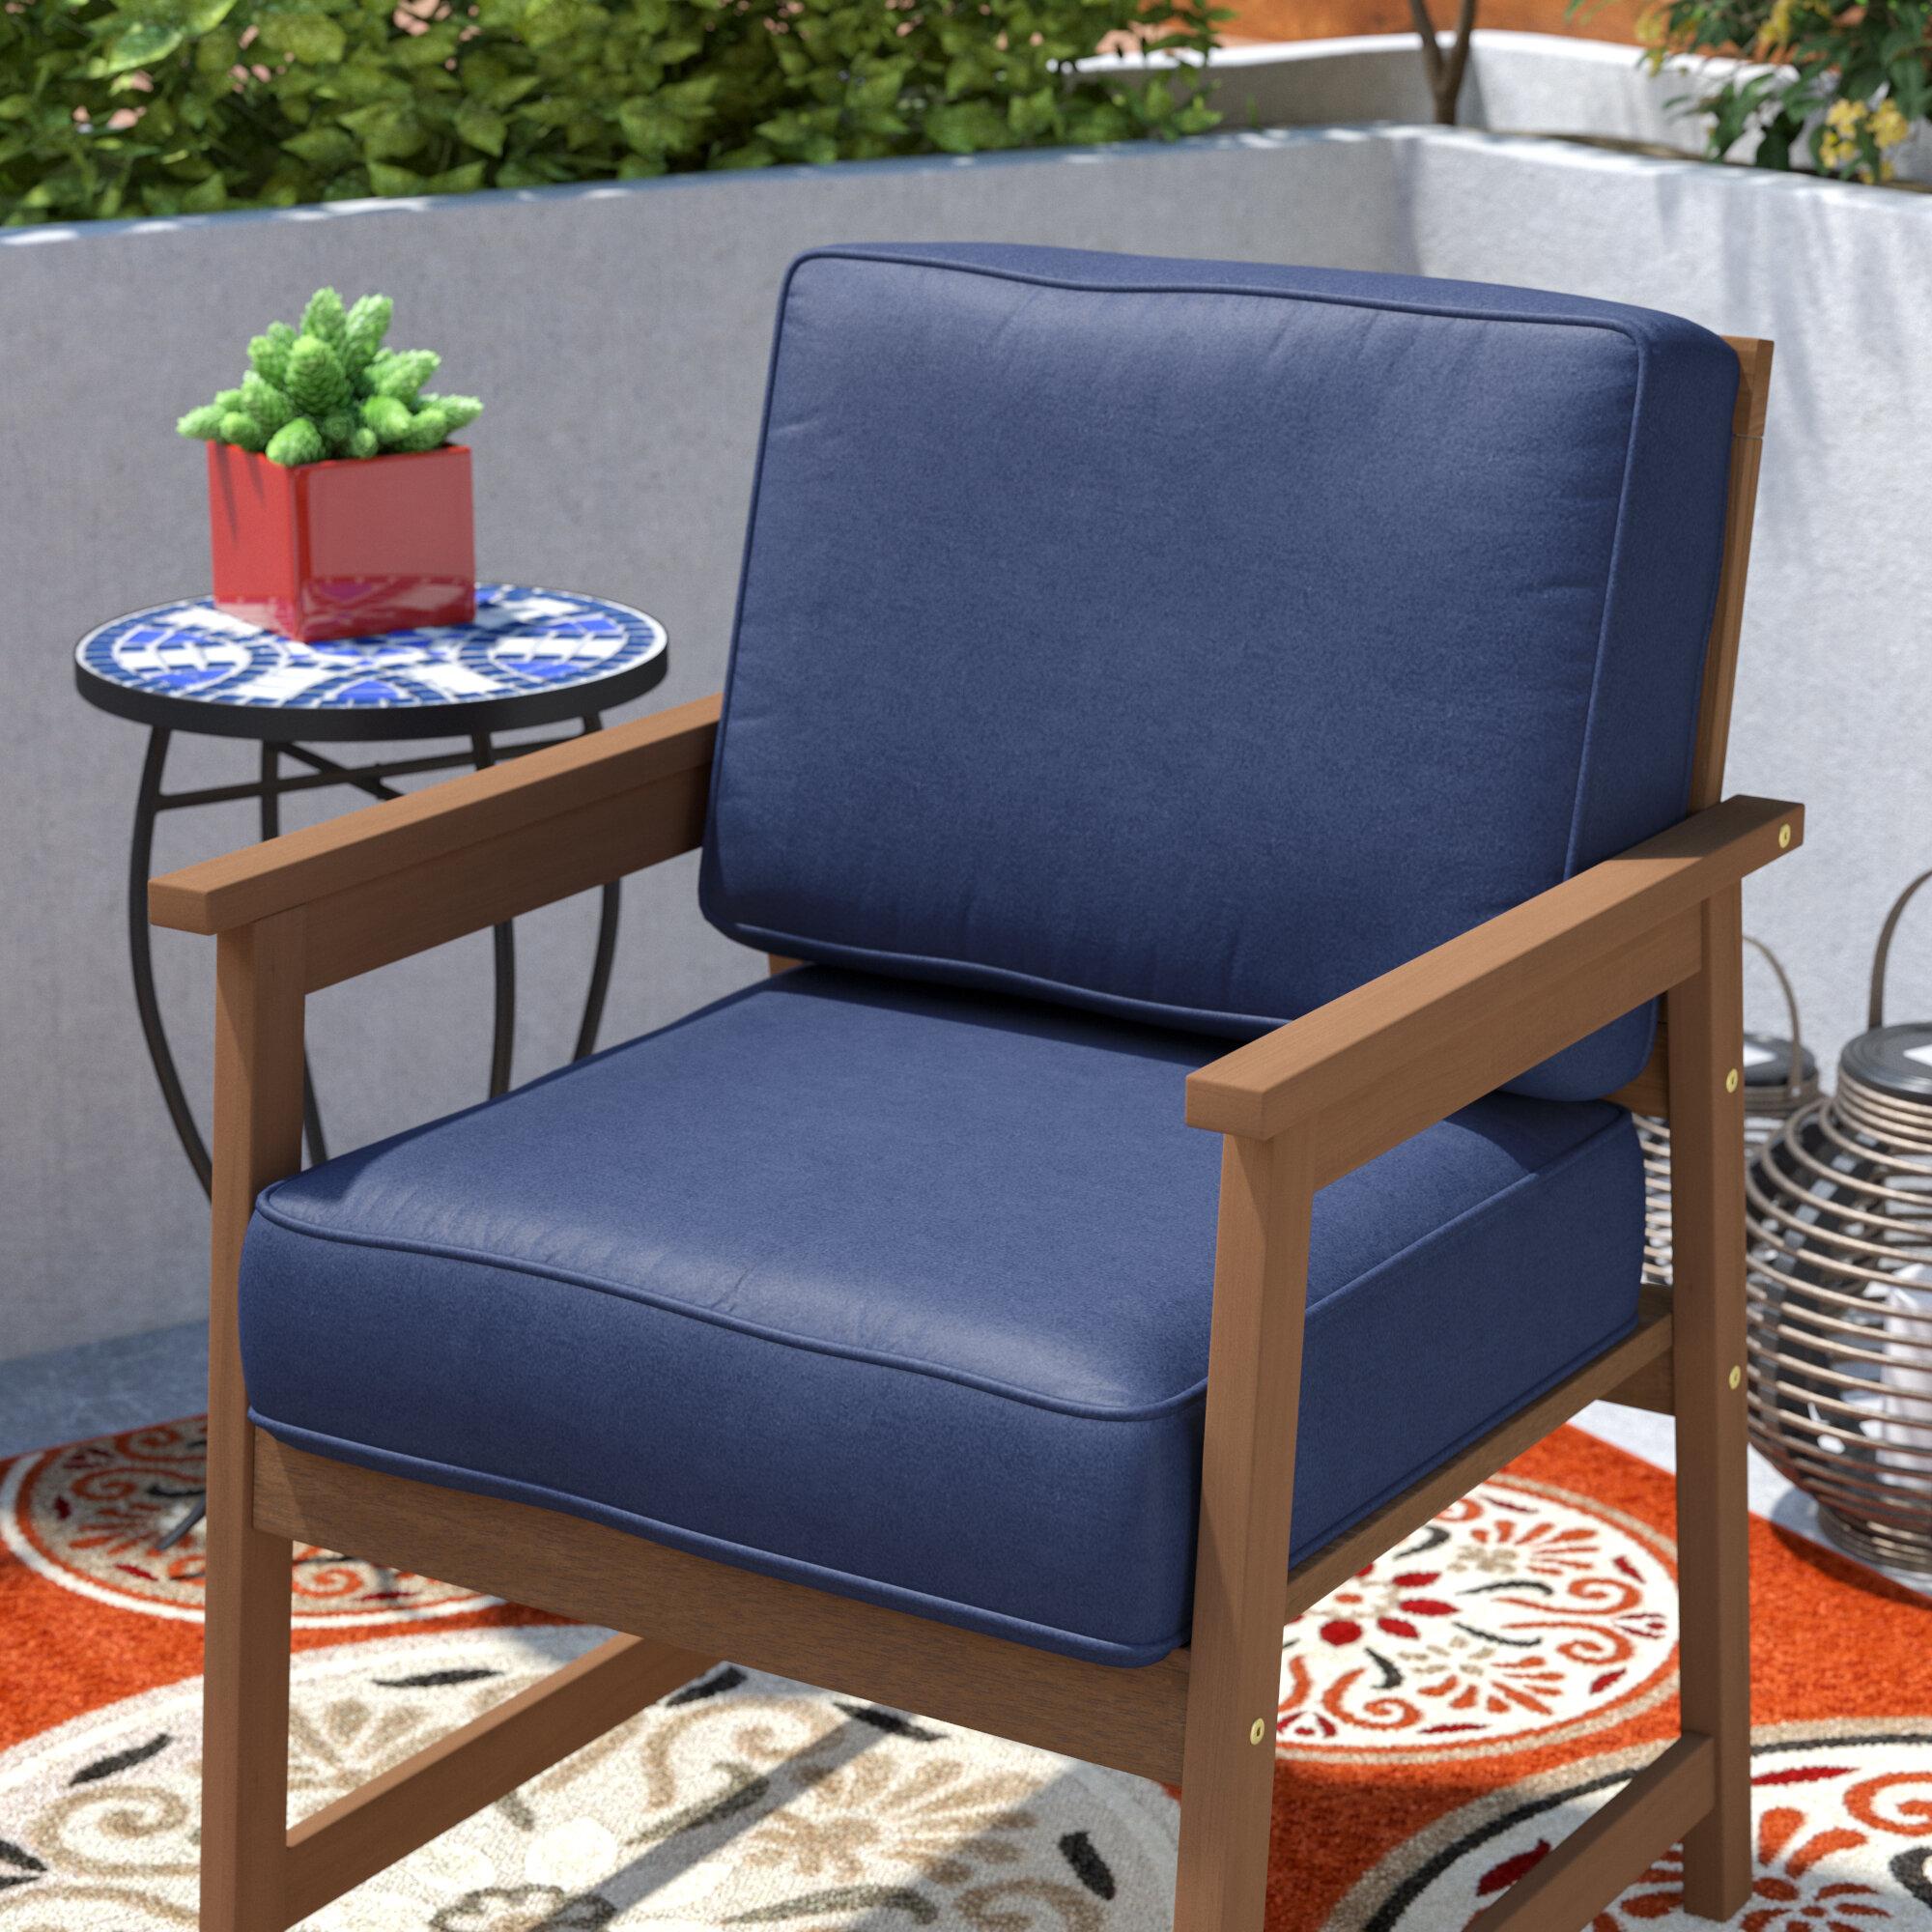 Brayden Studio Indoor Outdoor Lounge Chair Cushion Reviews Wayfair